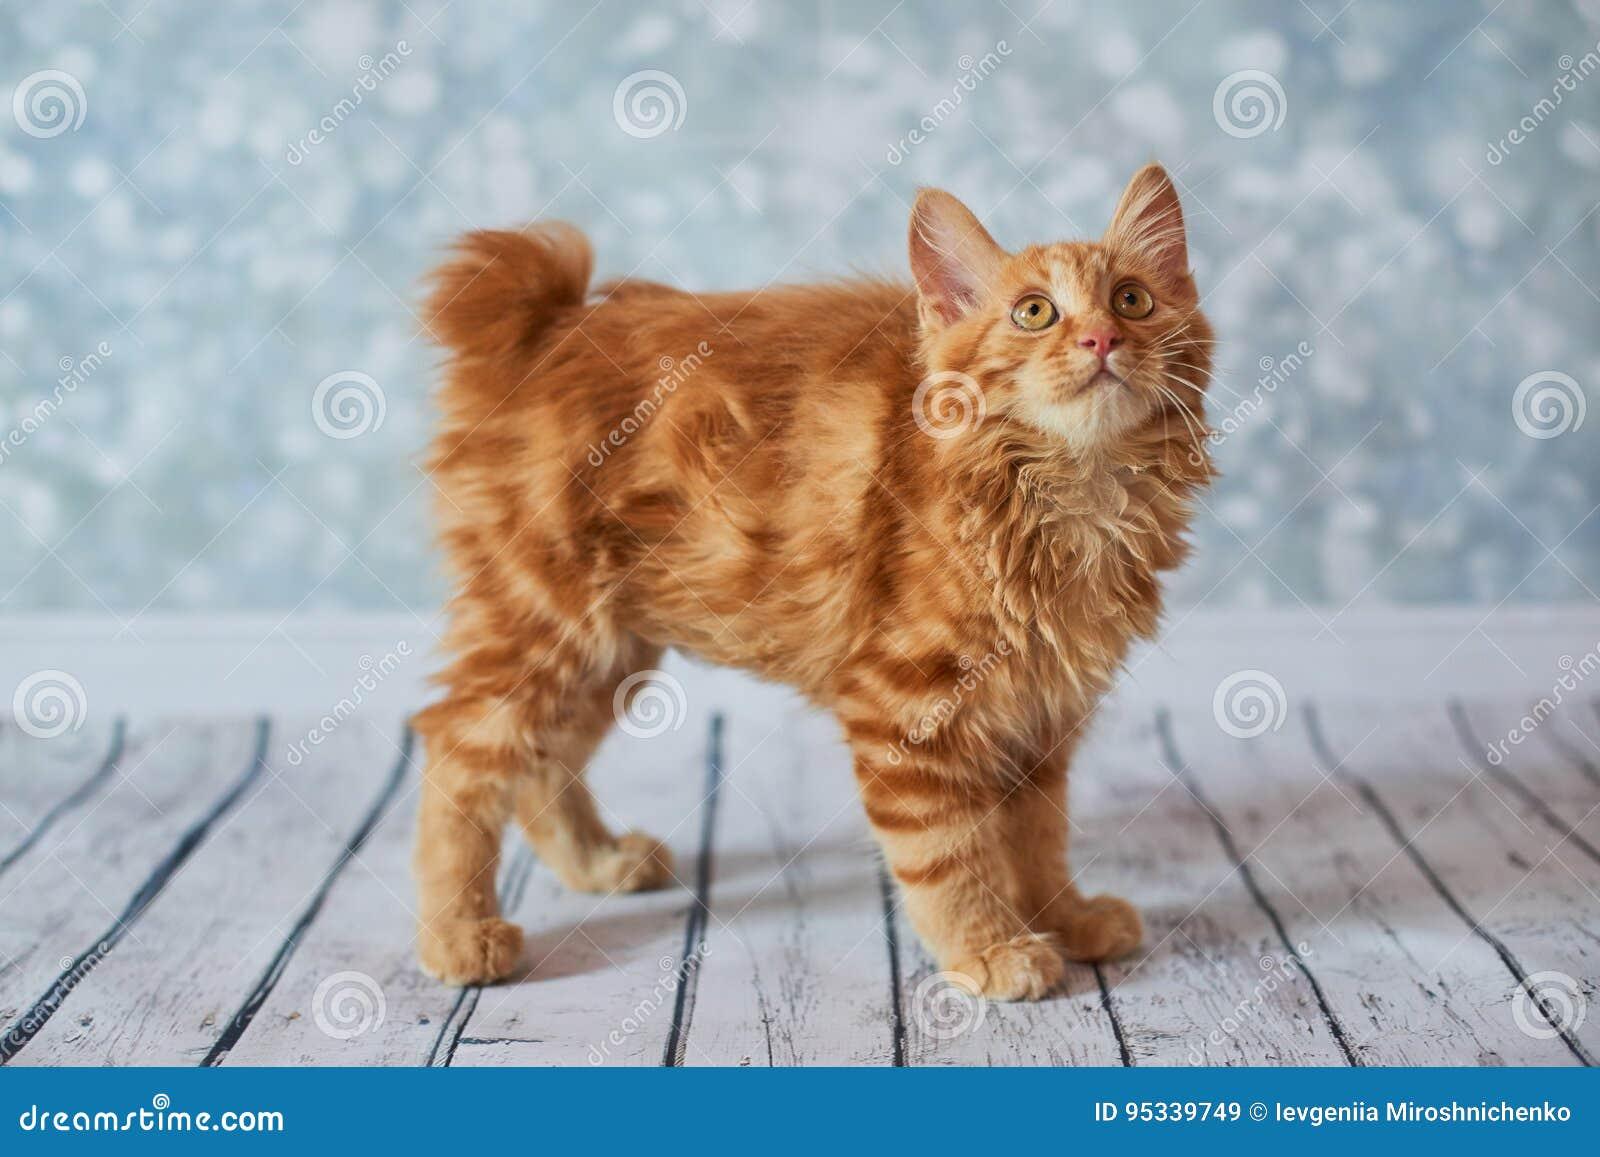 Gatto Americano Del Bobtail Immagine Stock Immagine Di Cute Furry